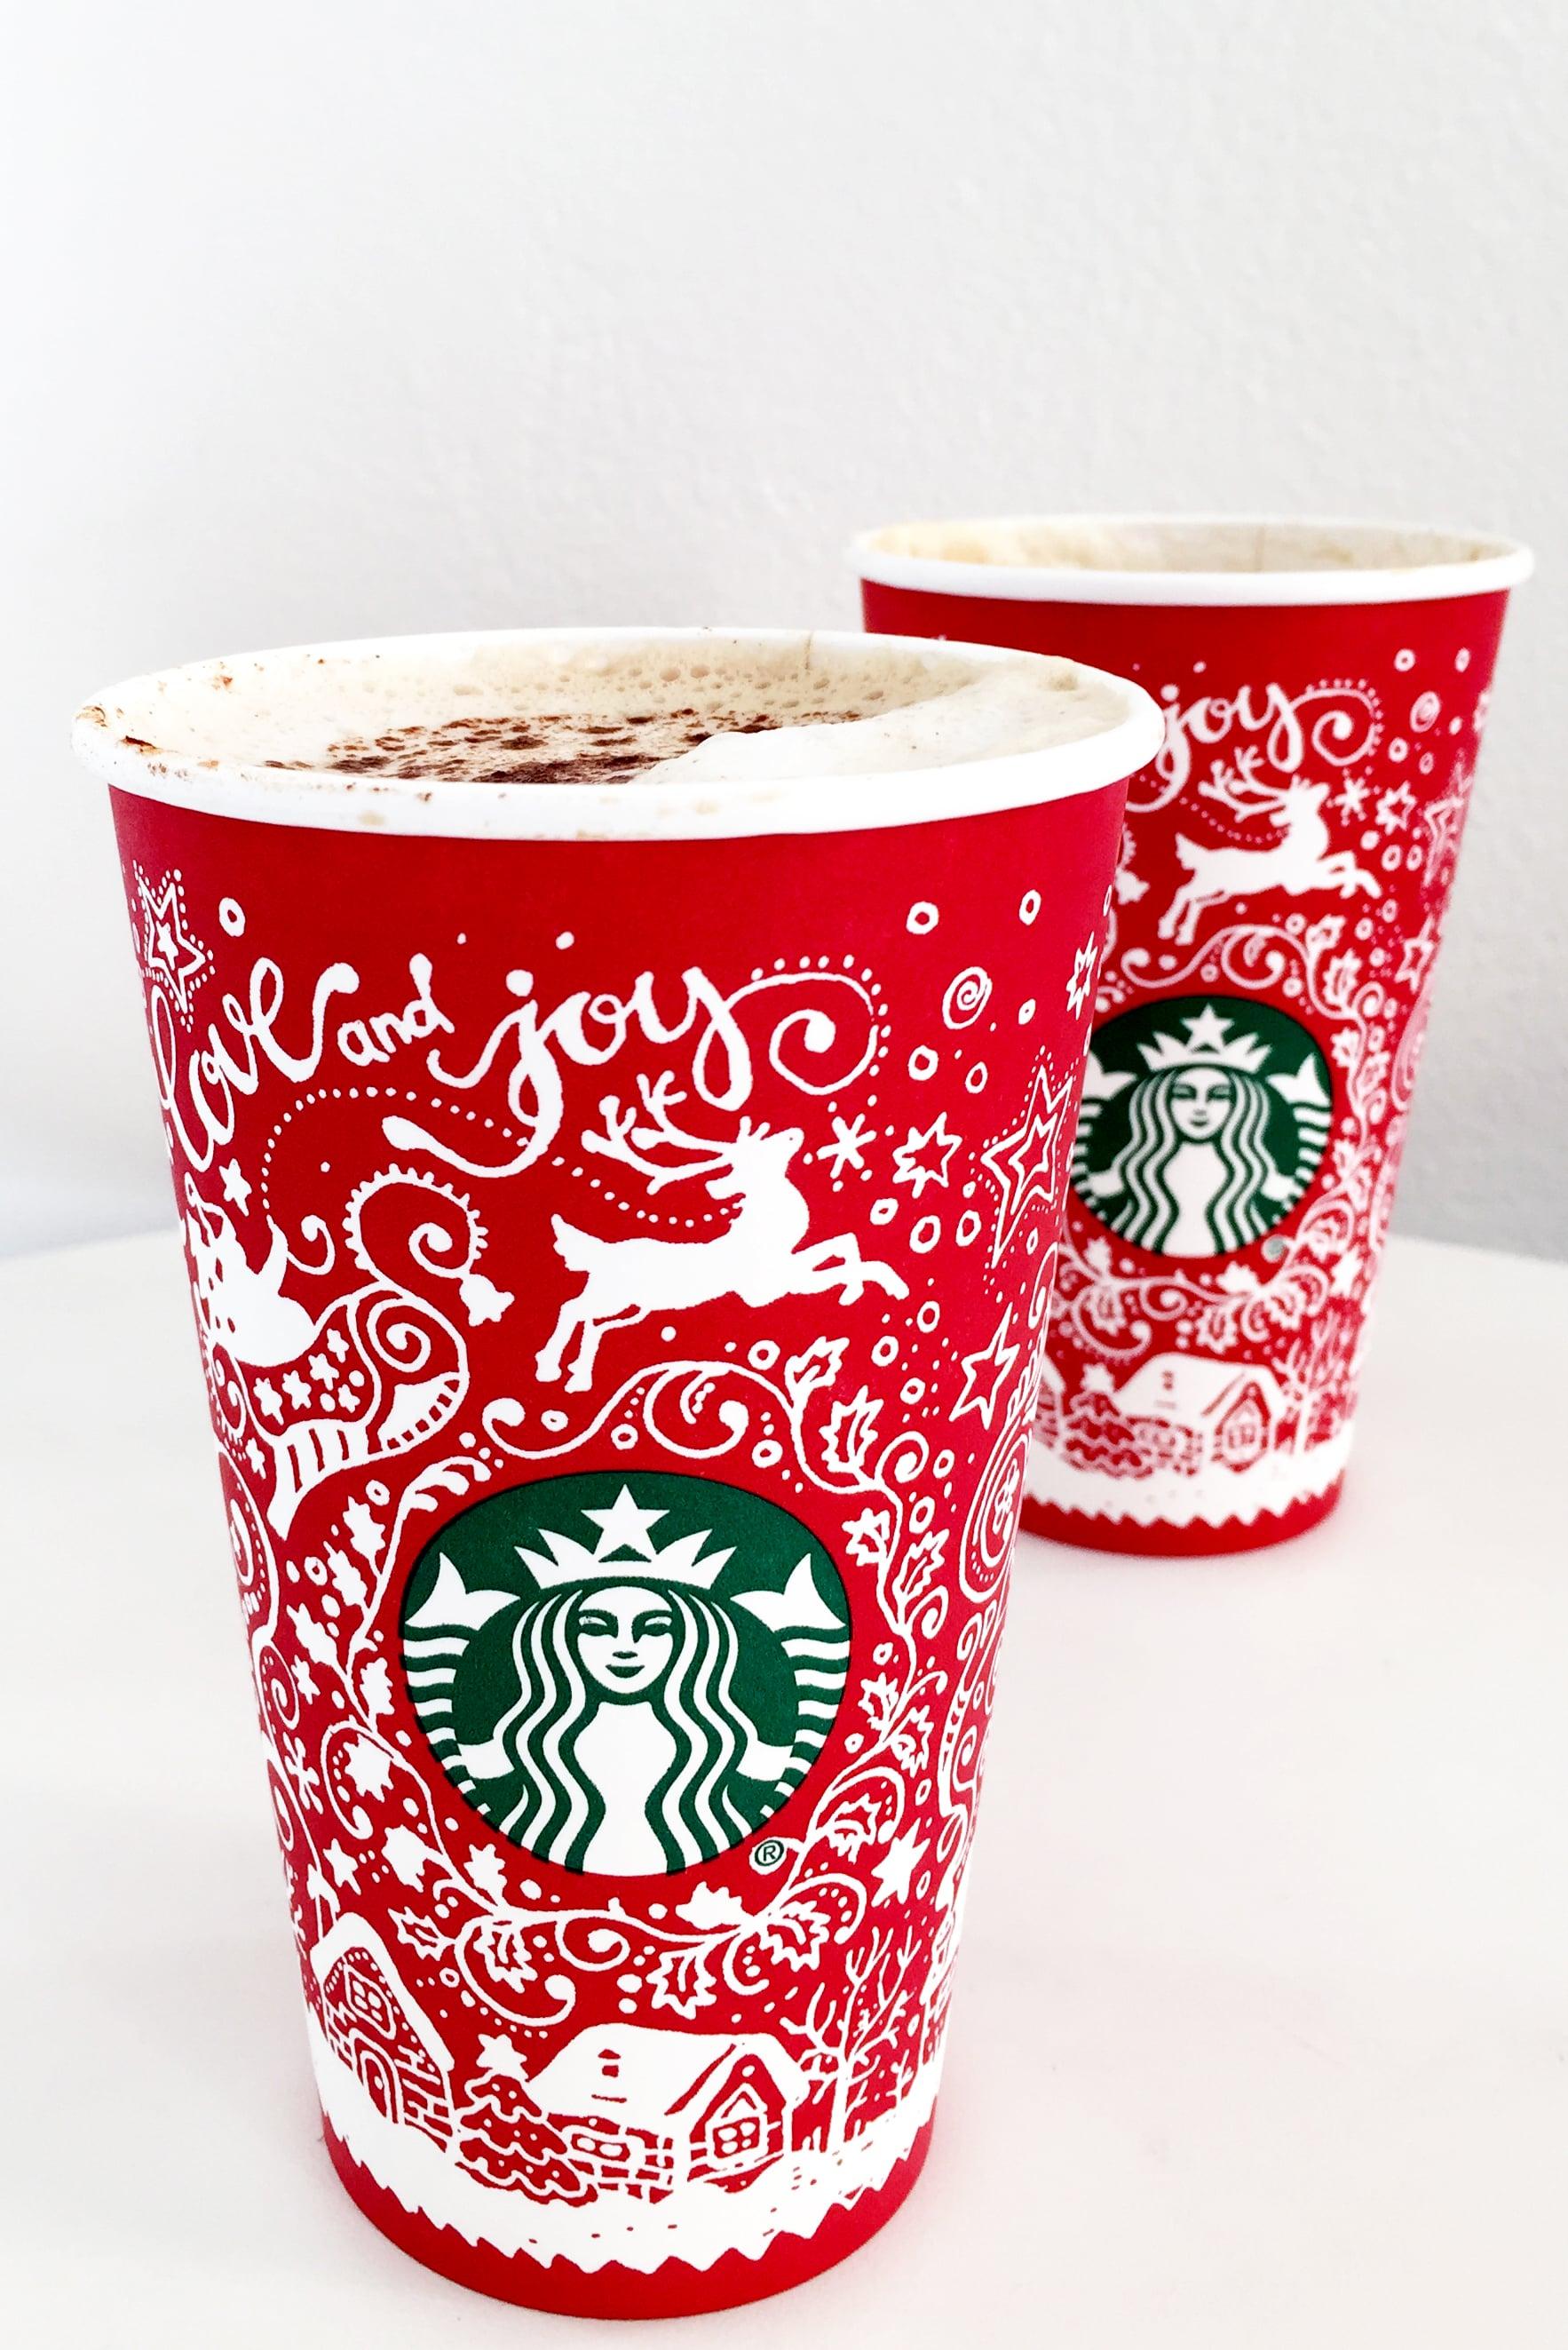 White Hot Chocolate Recipe Like Starbucks